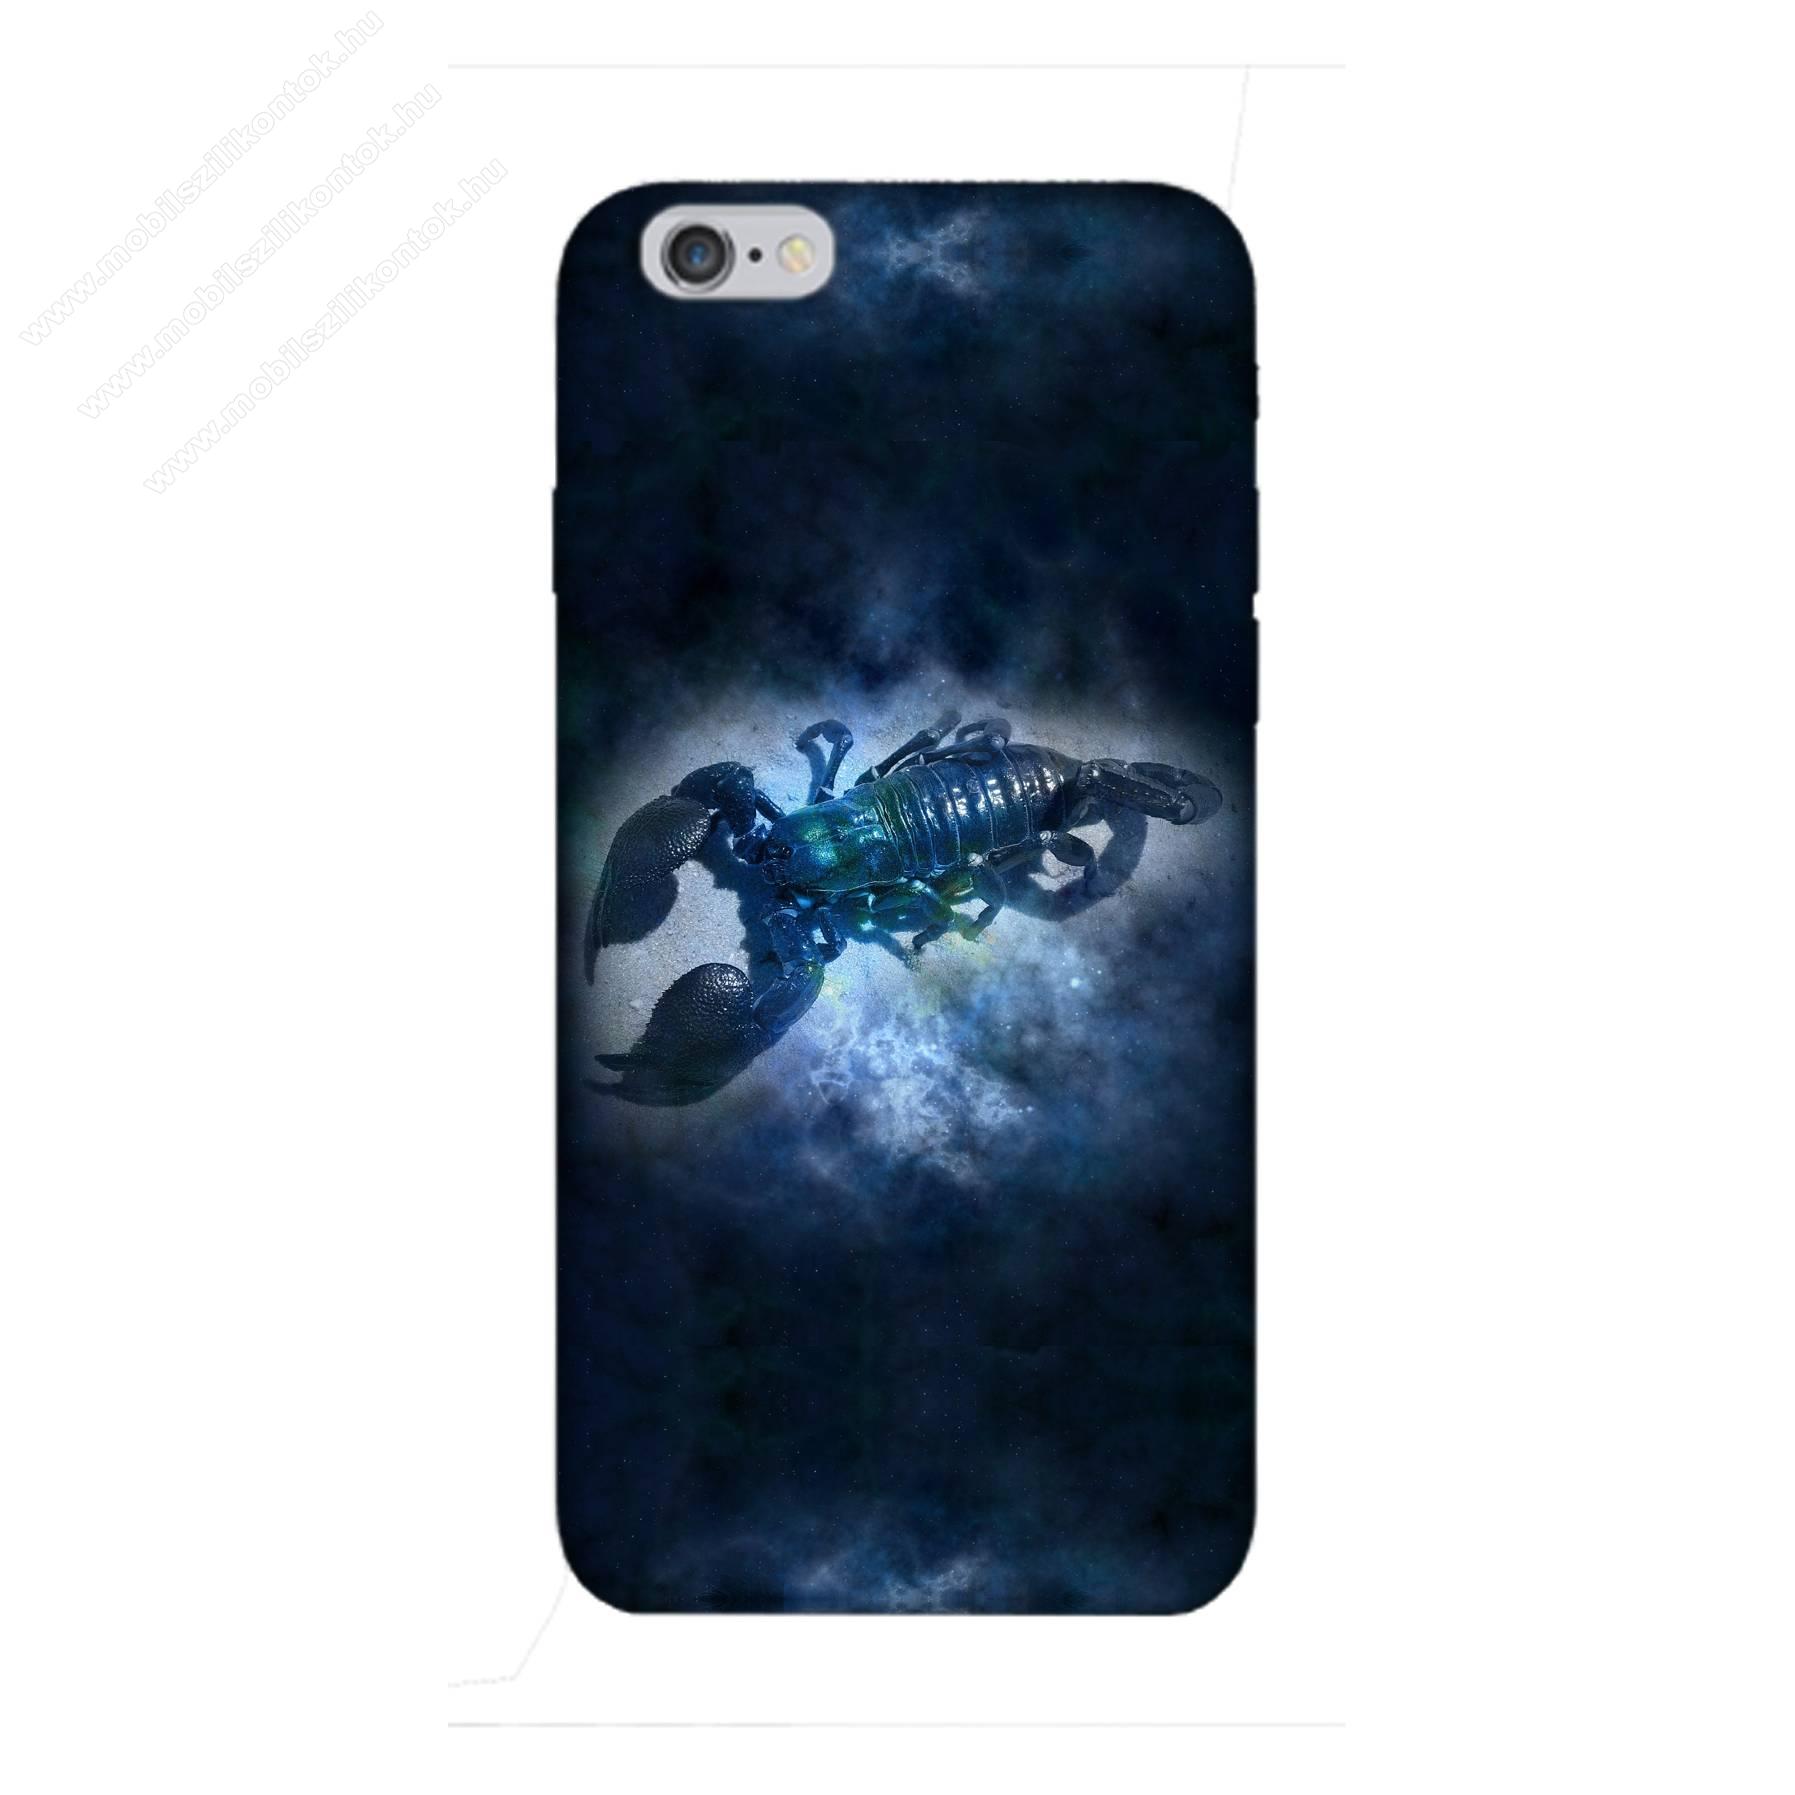 E-pic szilikon védő tok / hátlap - Horoszkóp, Skorpió mintás - APPLE iPhone 6 Plus / APPLE iPhone 6s Plus